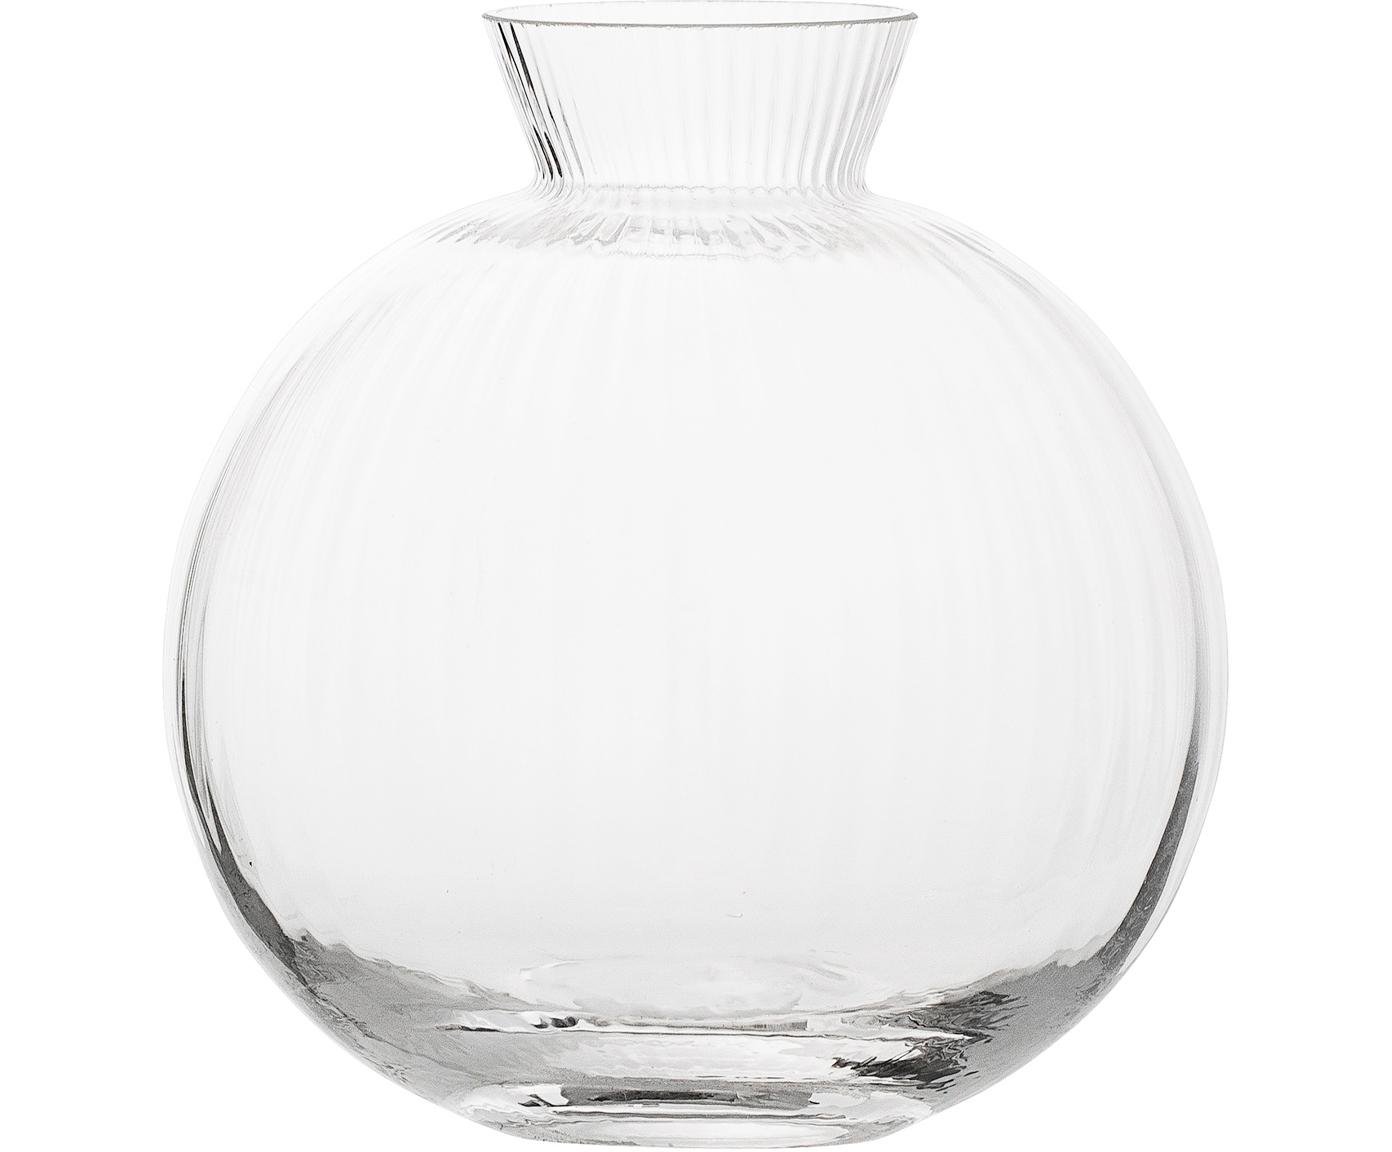 Jarrón de vidrio Visible, Vidrio, Transparente, Ø 11 x Al 12 cm